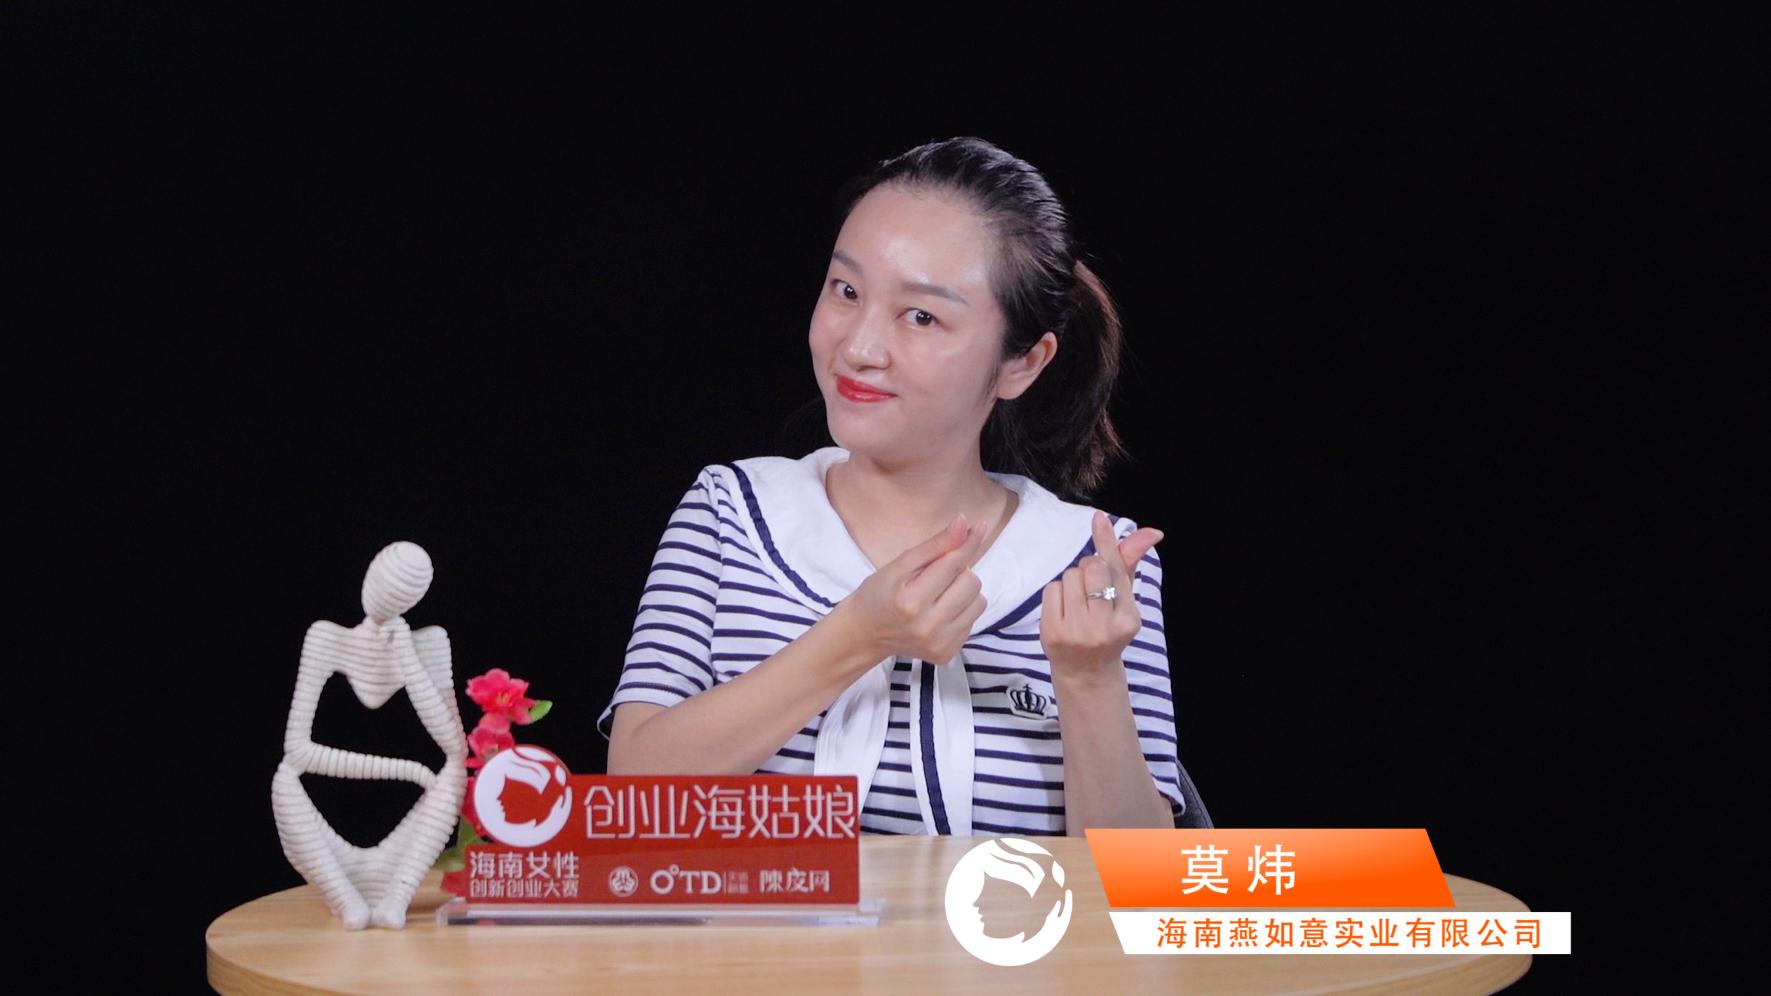 创业海姑娘|花容燕莫炜,传承发扬黎族医药